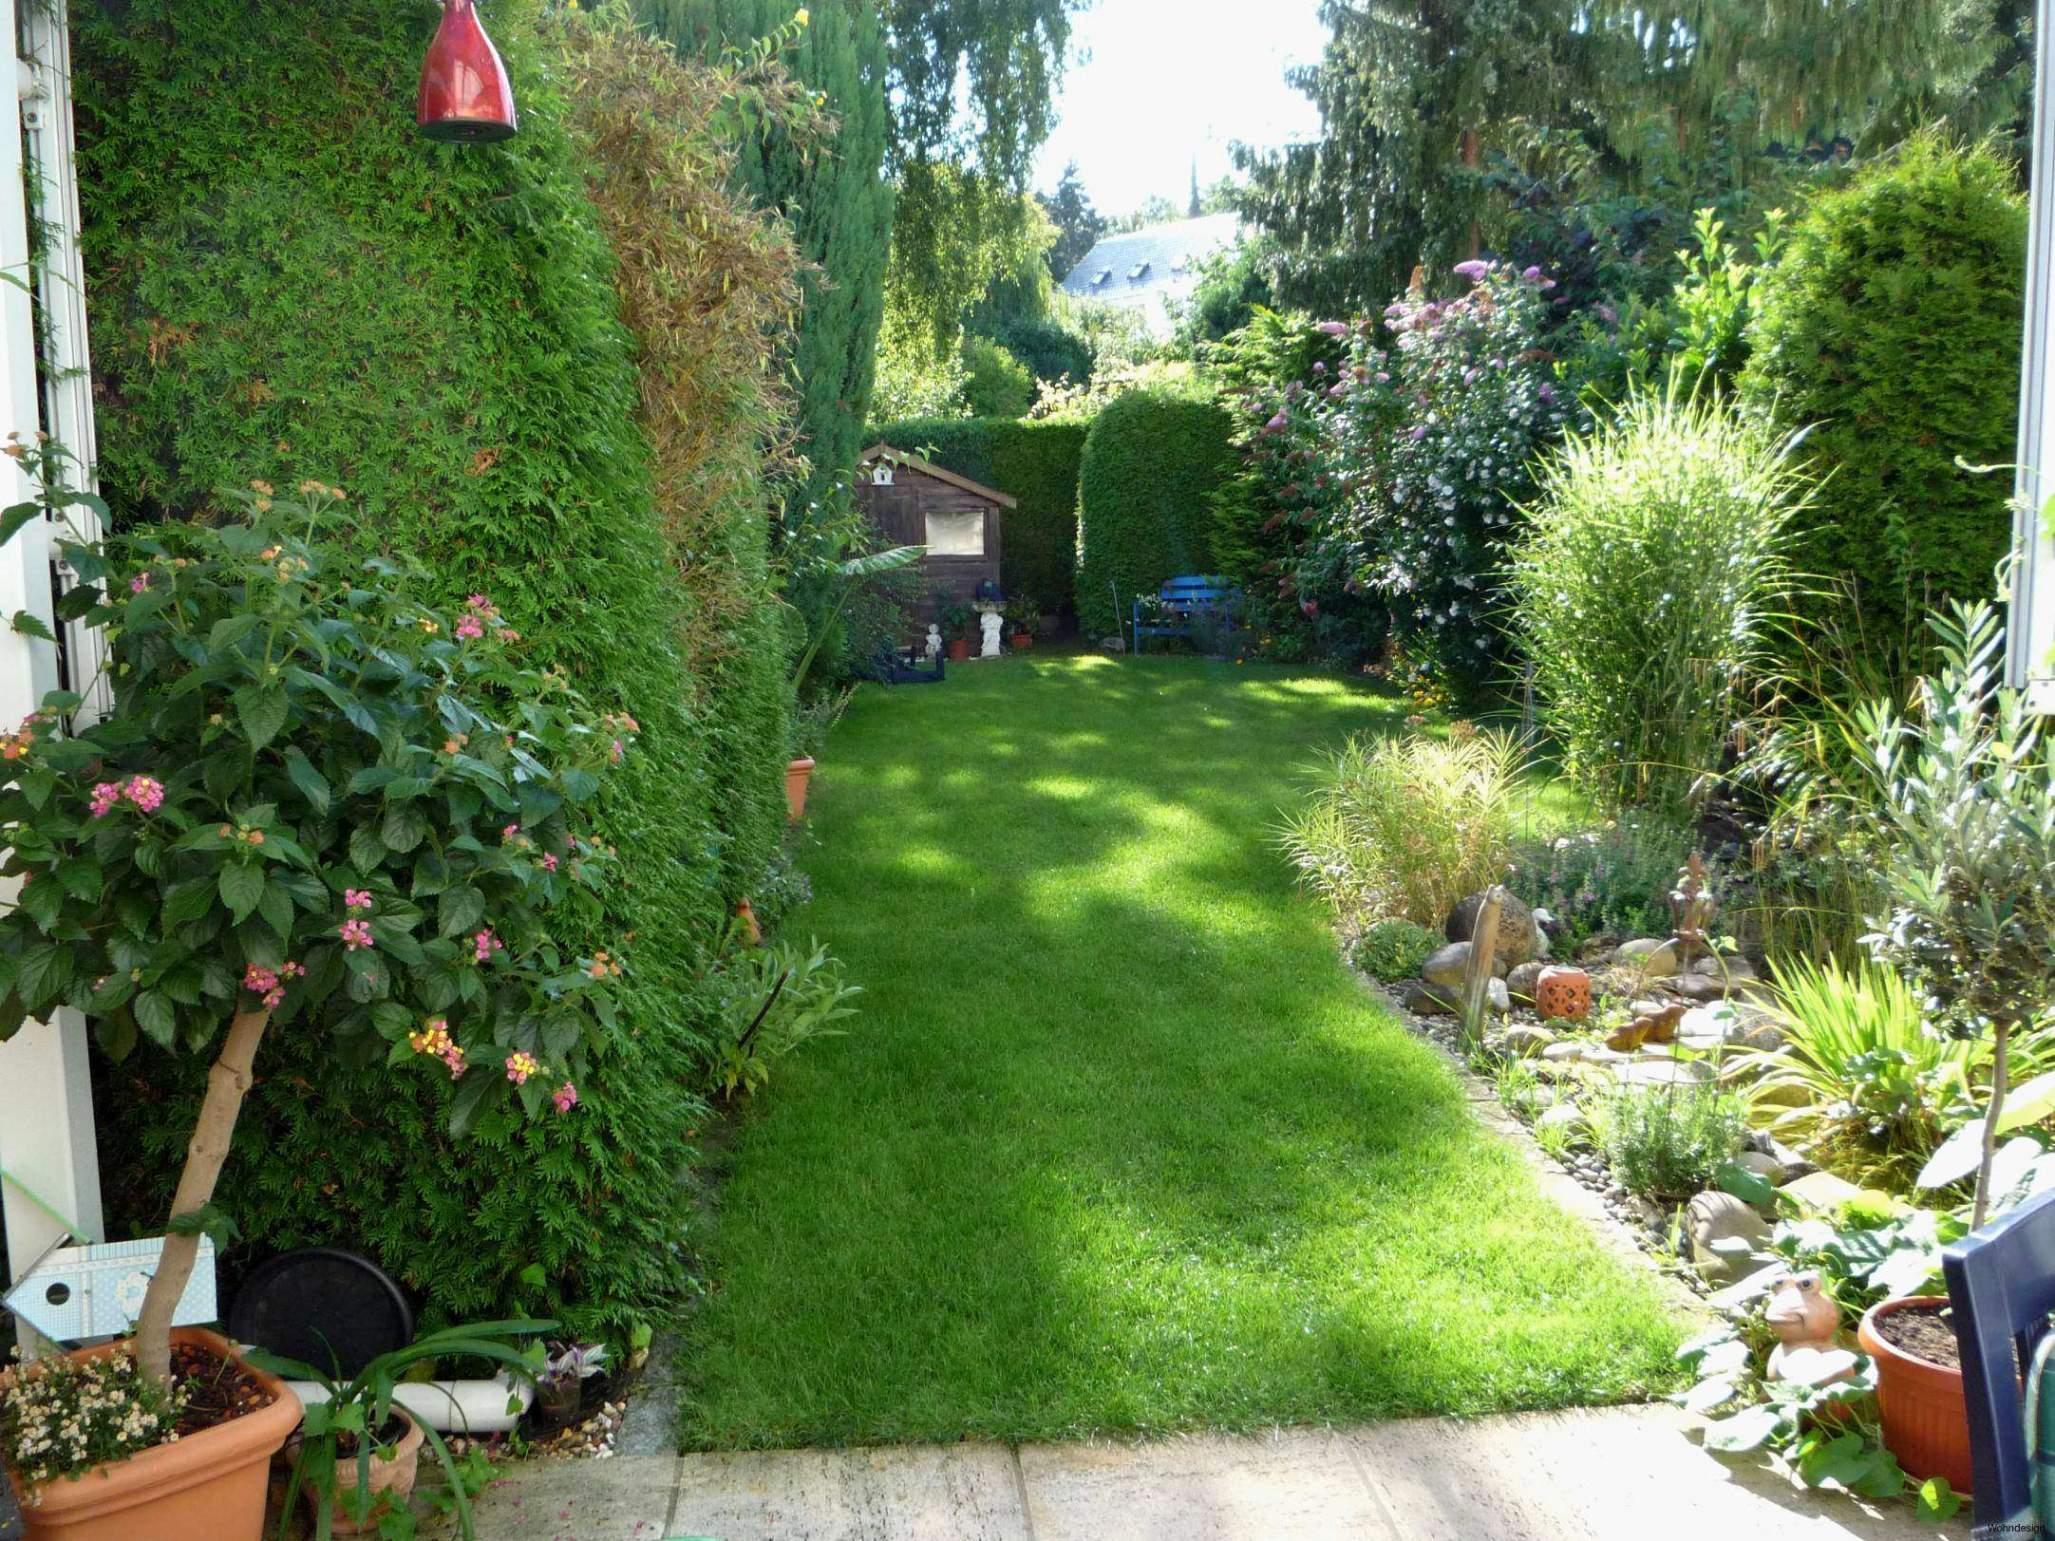 Thomas Philipps Onlineshop De Haus Und Garten Schön 33 Neu Kleine Gärten Gestalten Reihenhaus Elegant